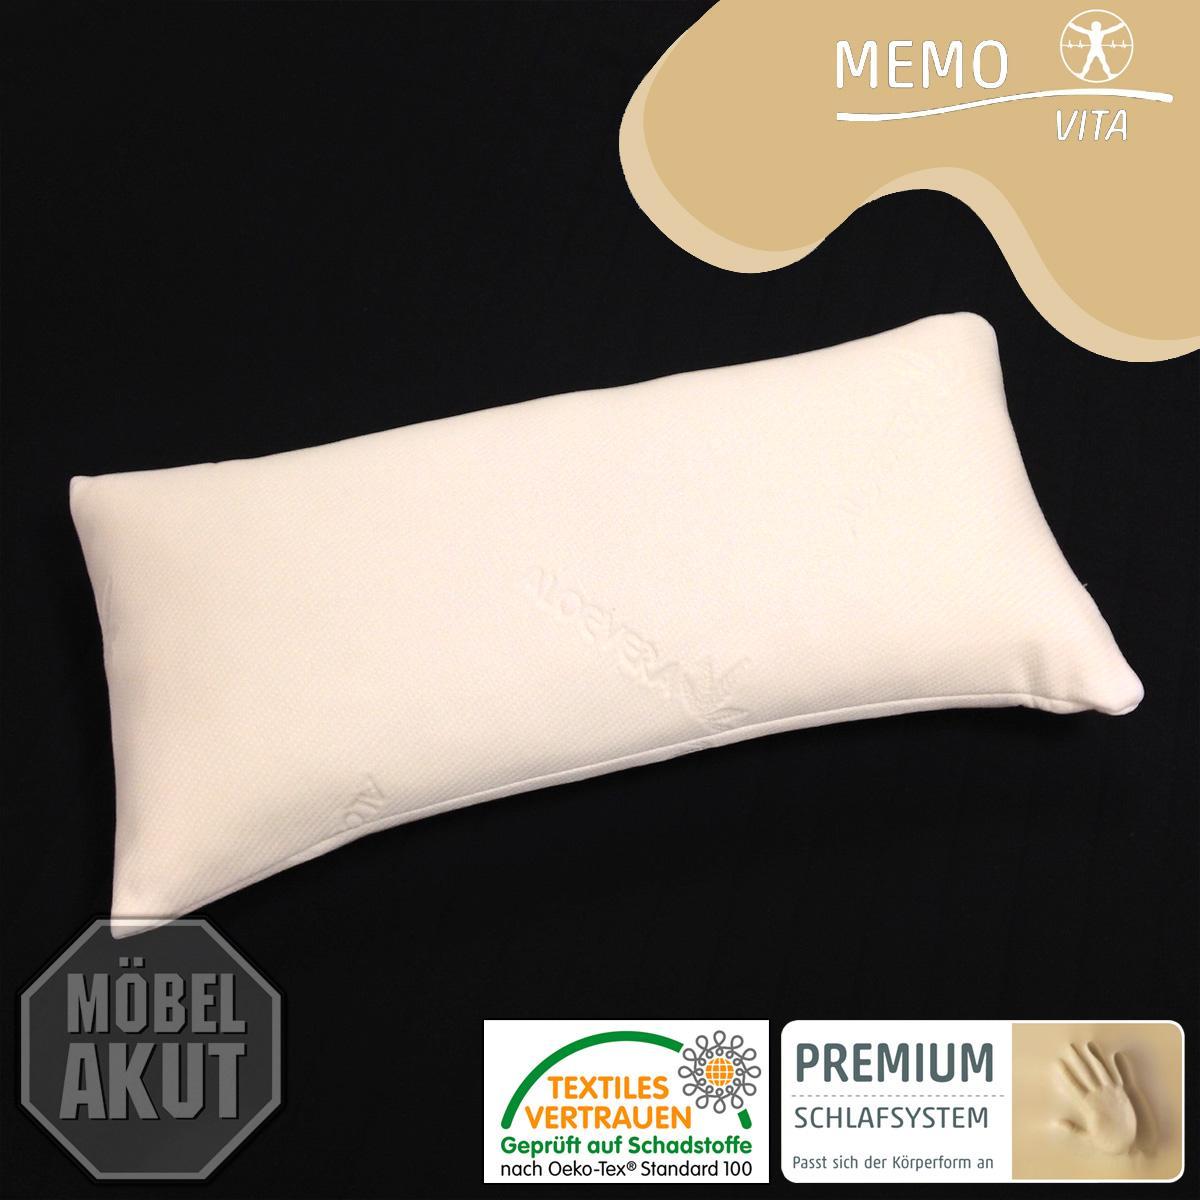 schlafkissen triton memovita kissen viskoelastisch 40x80 cm ebay. Black Bedroom Furniture Sets. Home Design Ideas